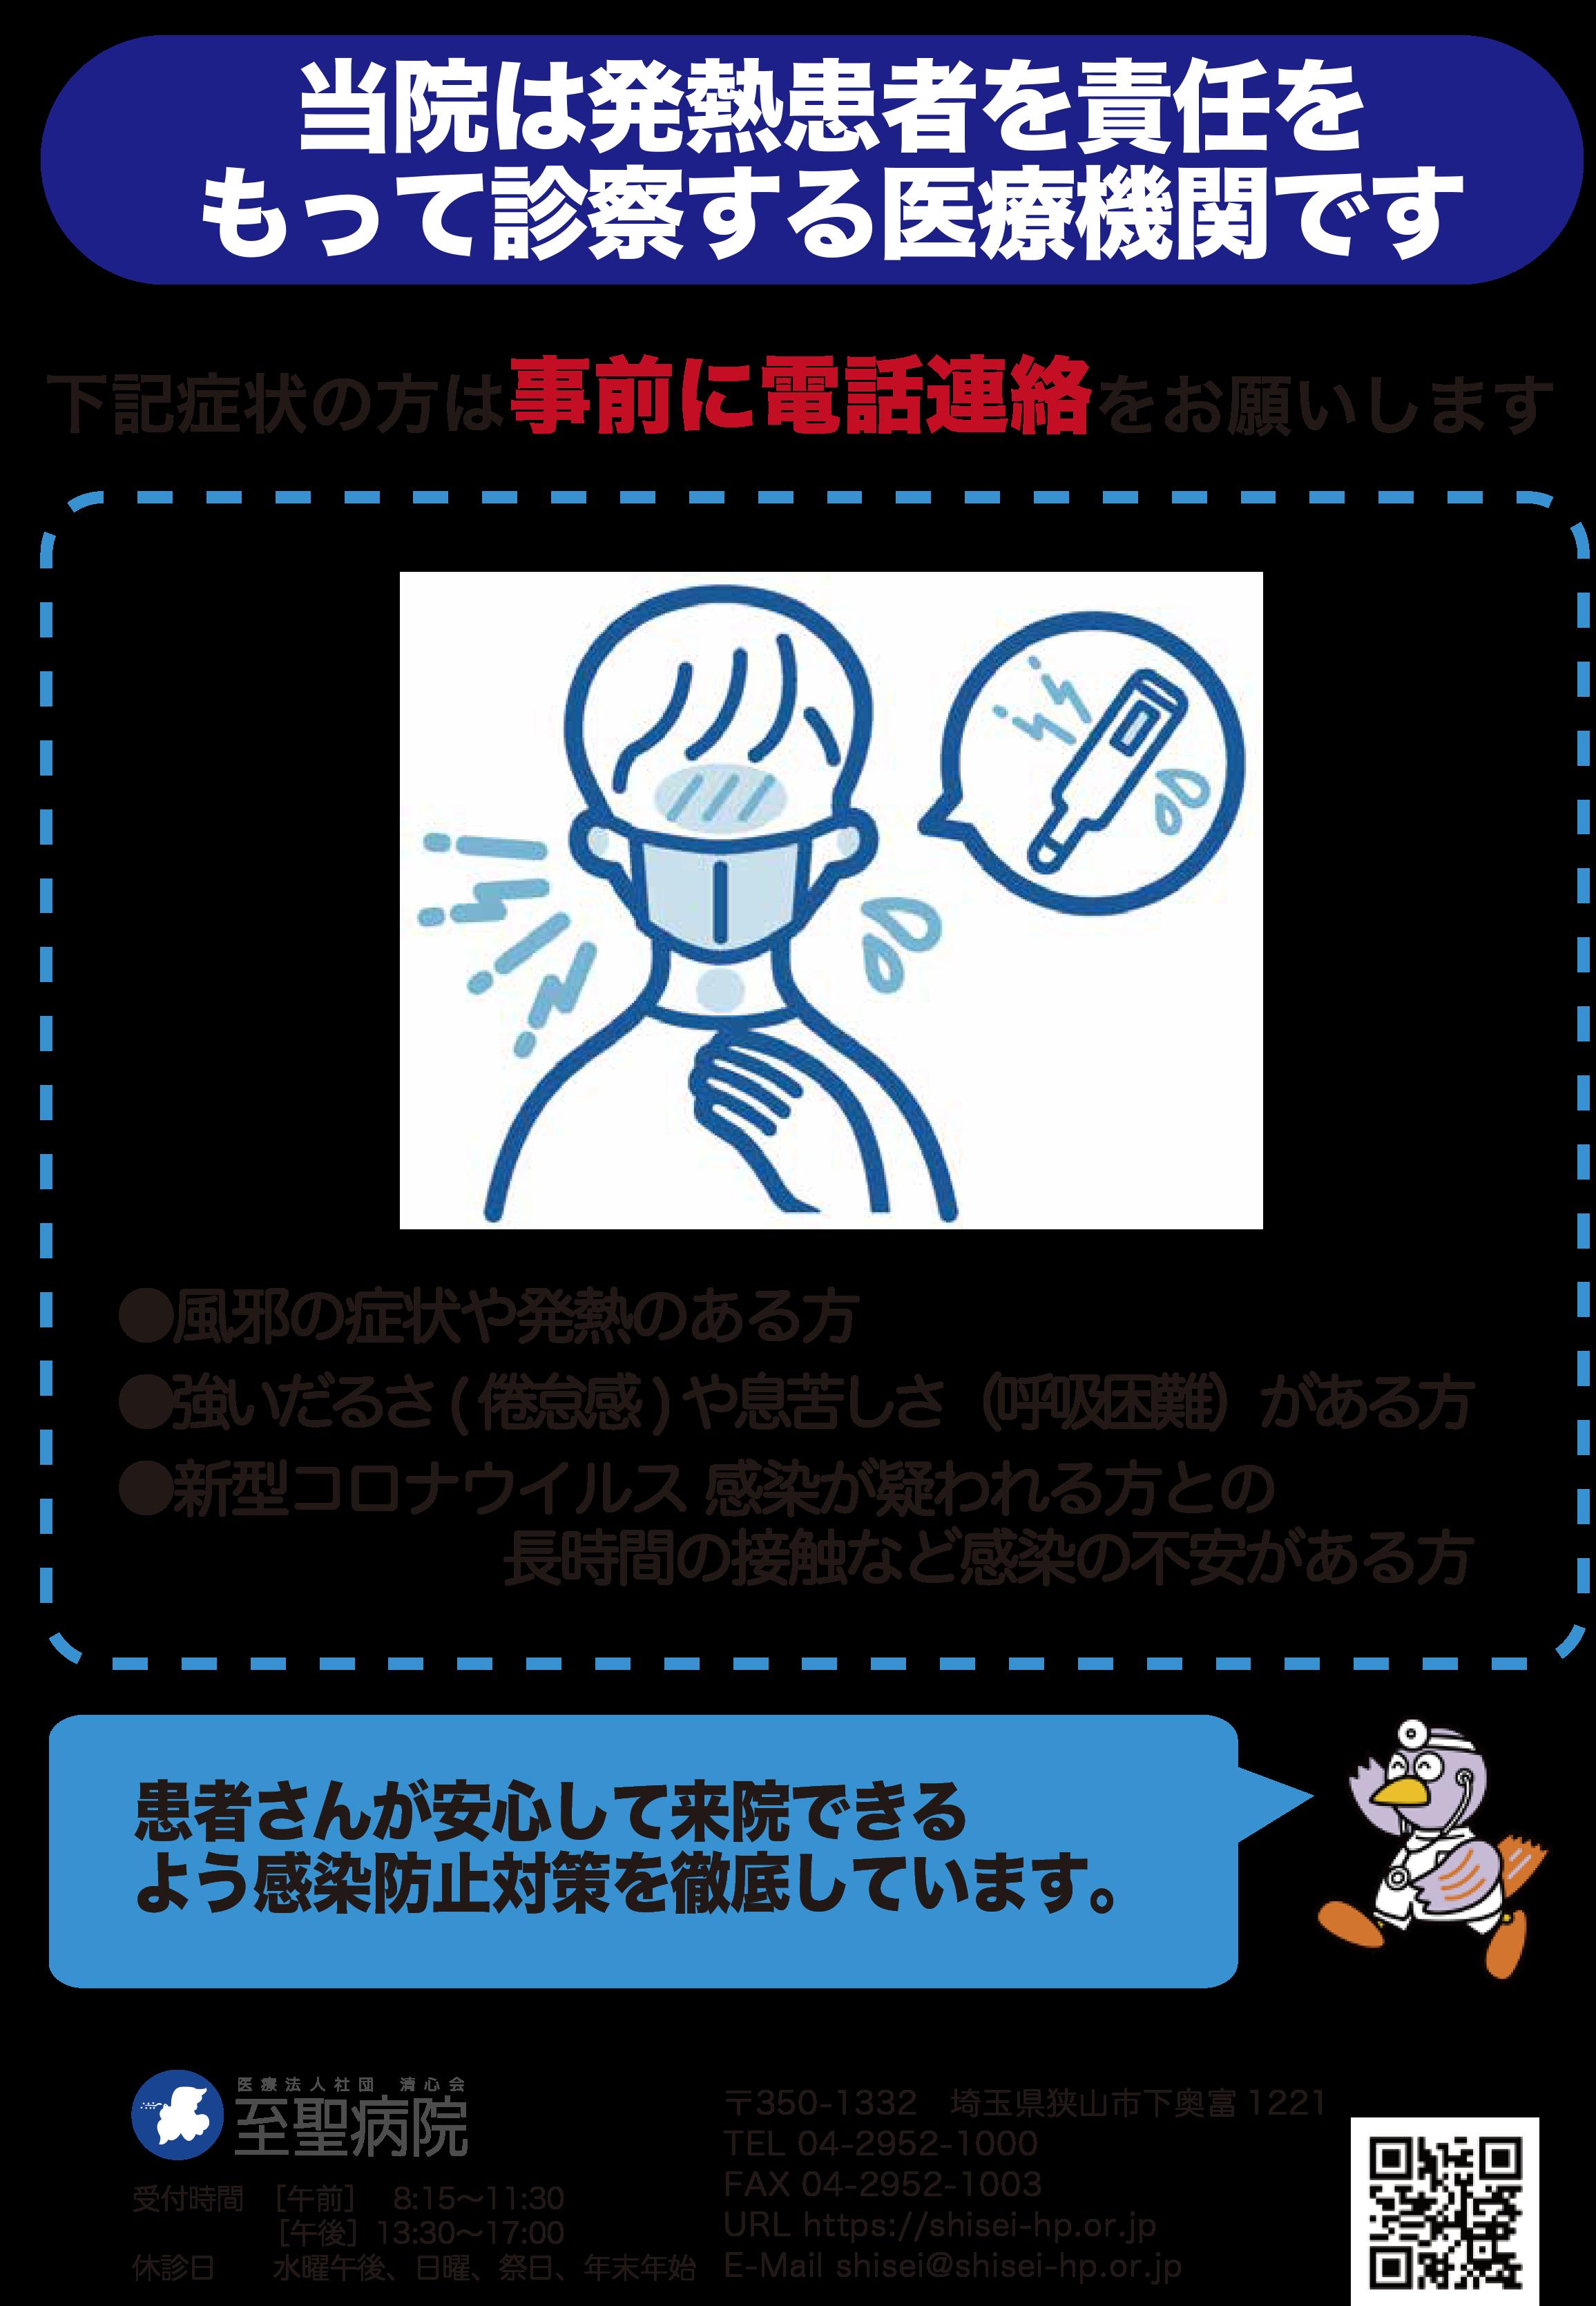 コロナ 埼玉 病院 県 指定